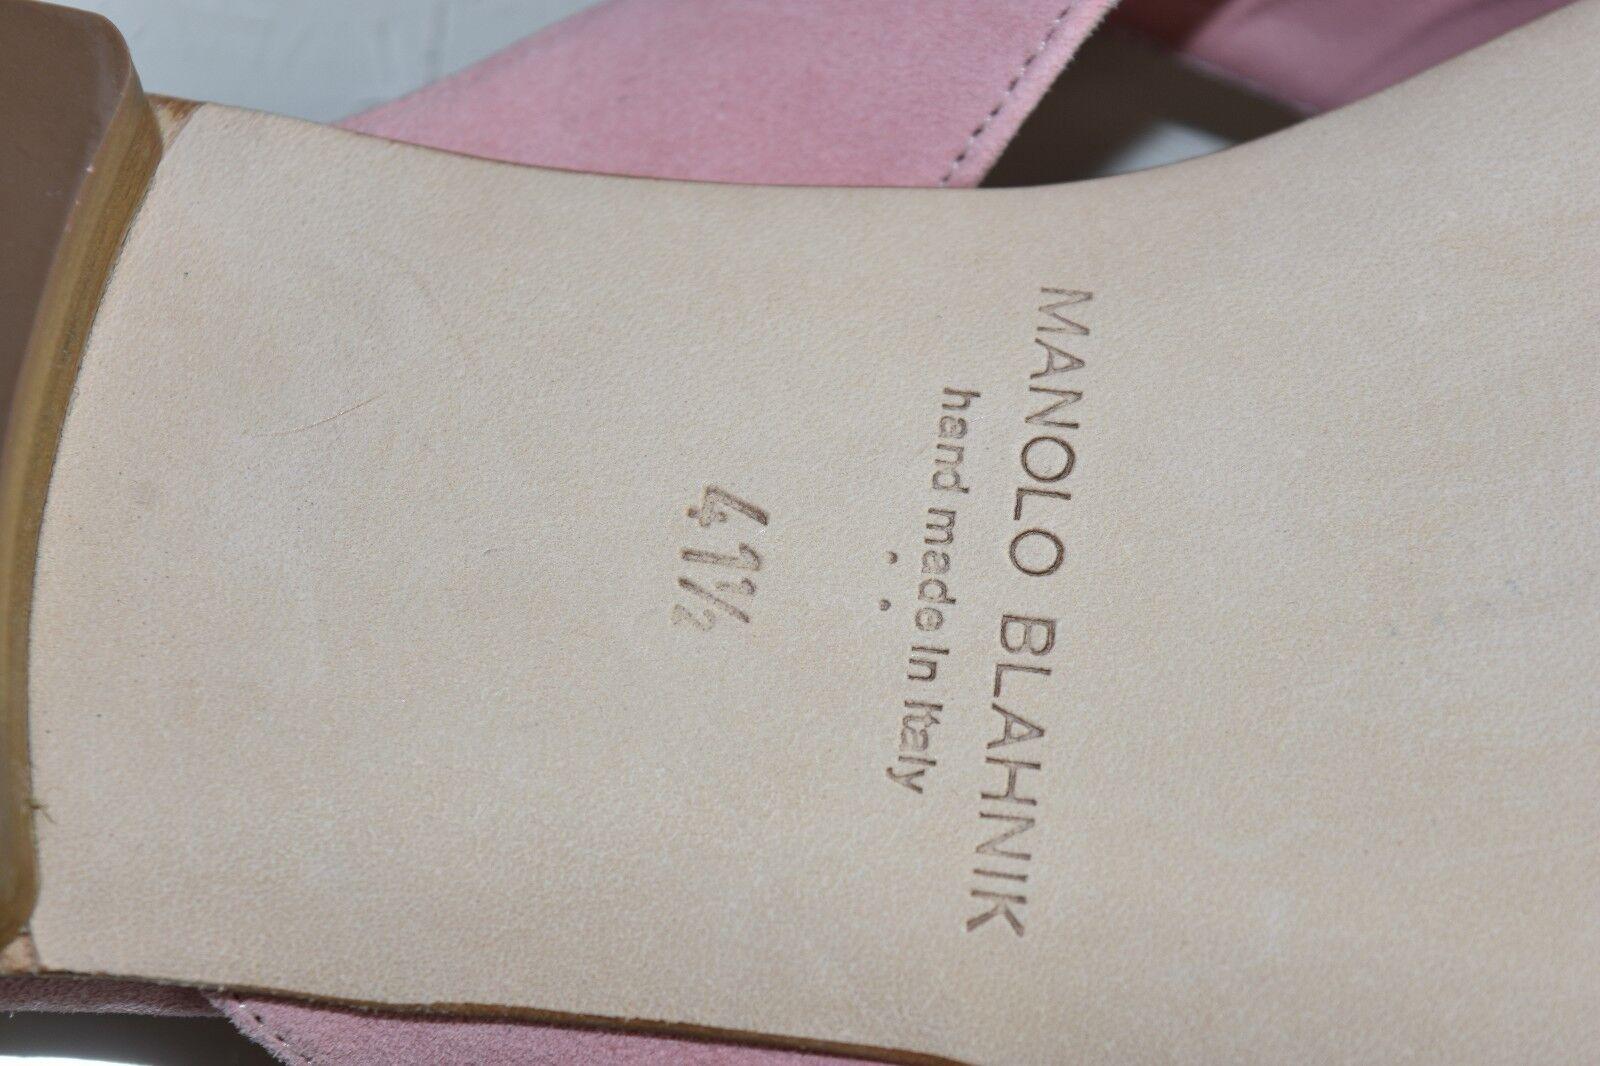 Neuf Manolo Blahnik Petala Camellia Rose Pâle Cuir Suédé Suédé Suédé Sandales 40.5 41 41.5 652824